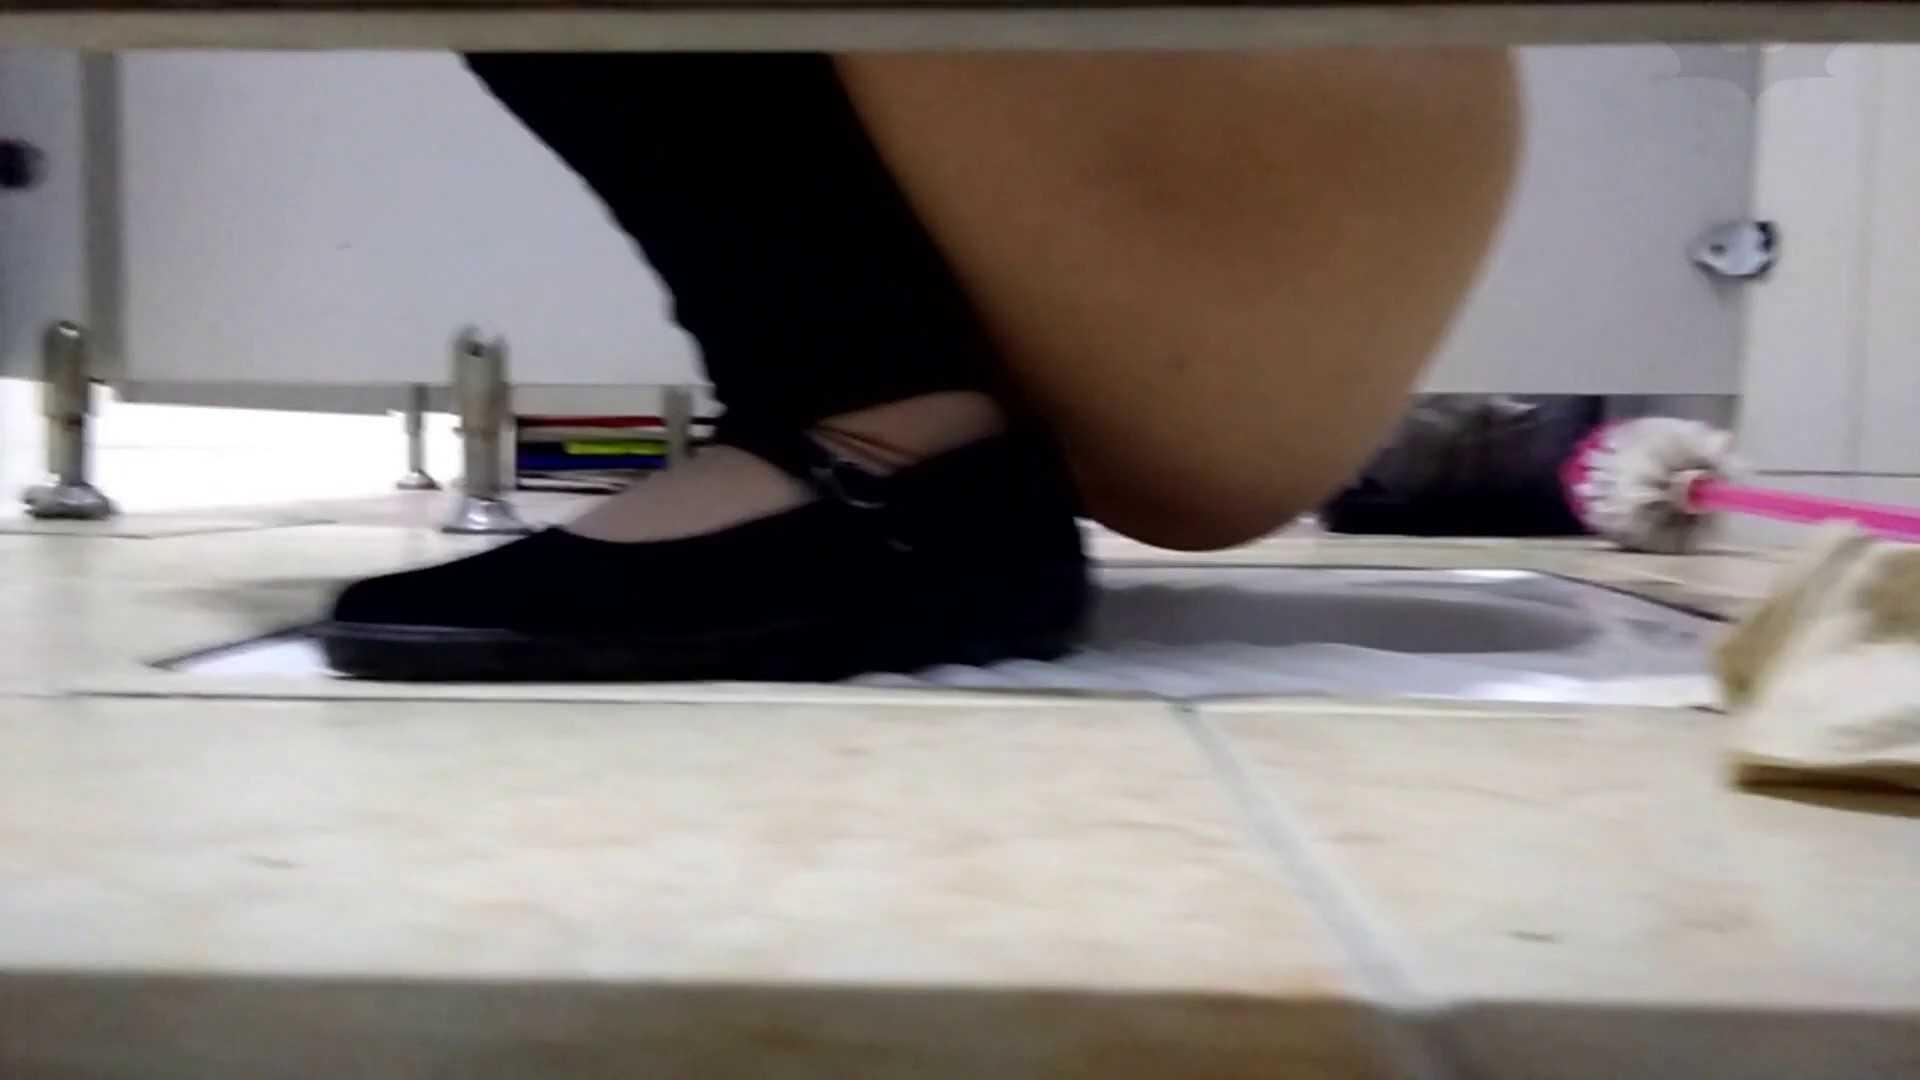 芸術大学ガチ潜入盗撮 JD盗撮 美女の洗面所の秘密 Vol.105 美女 セックス画像 68画像 22